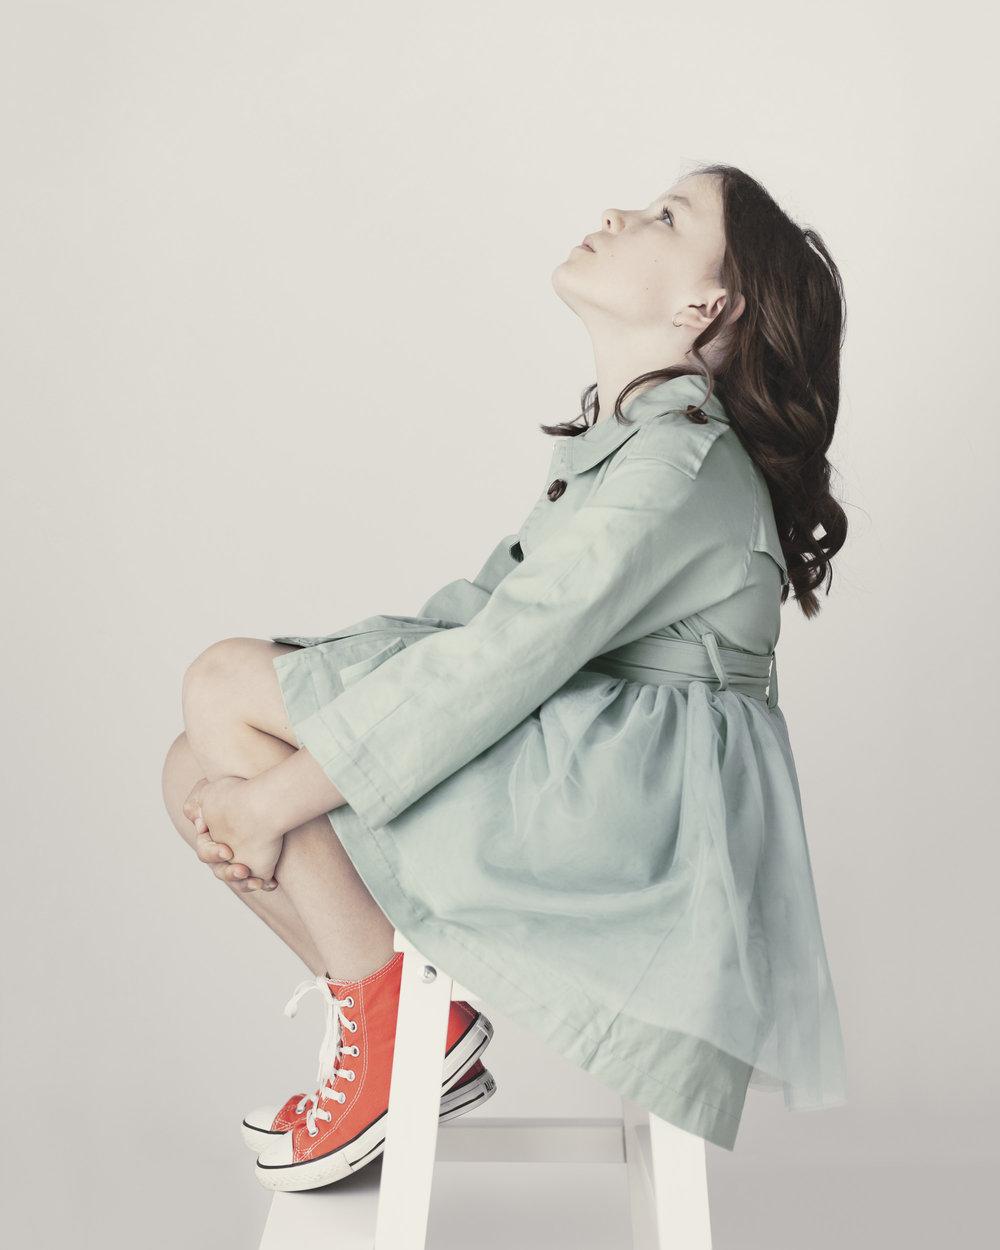 marina-mcdonald-child-portrait-photography-portfolio-canberra-child-looking-up